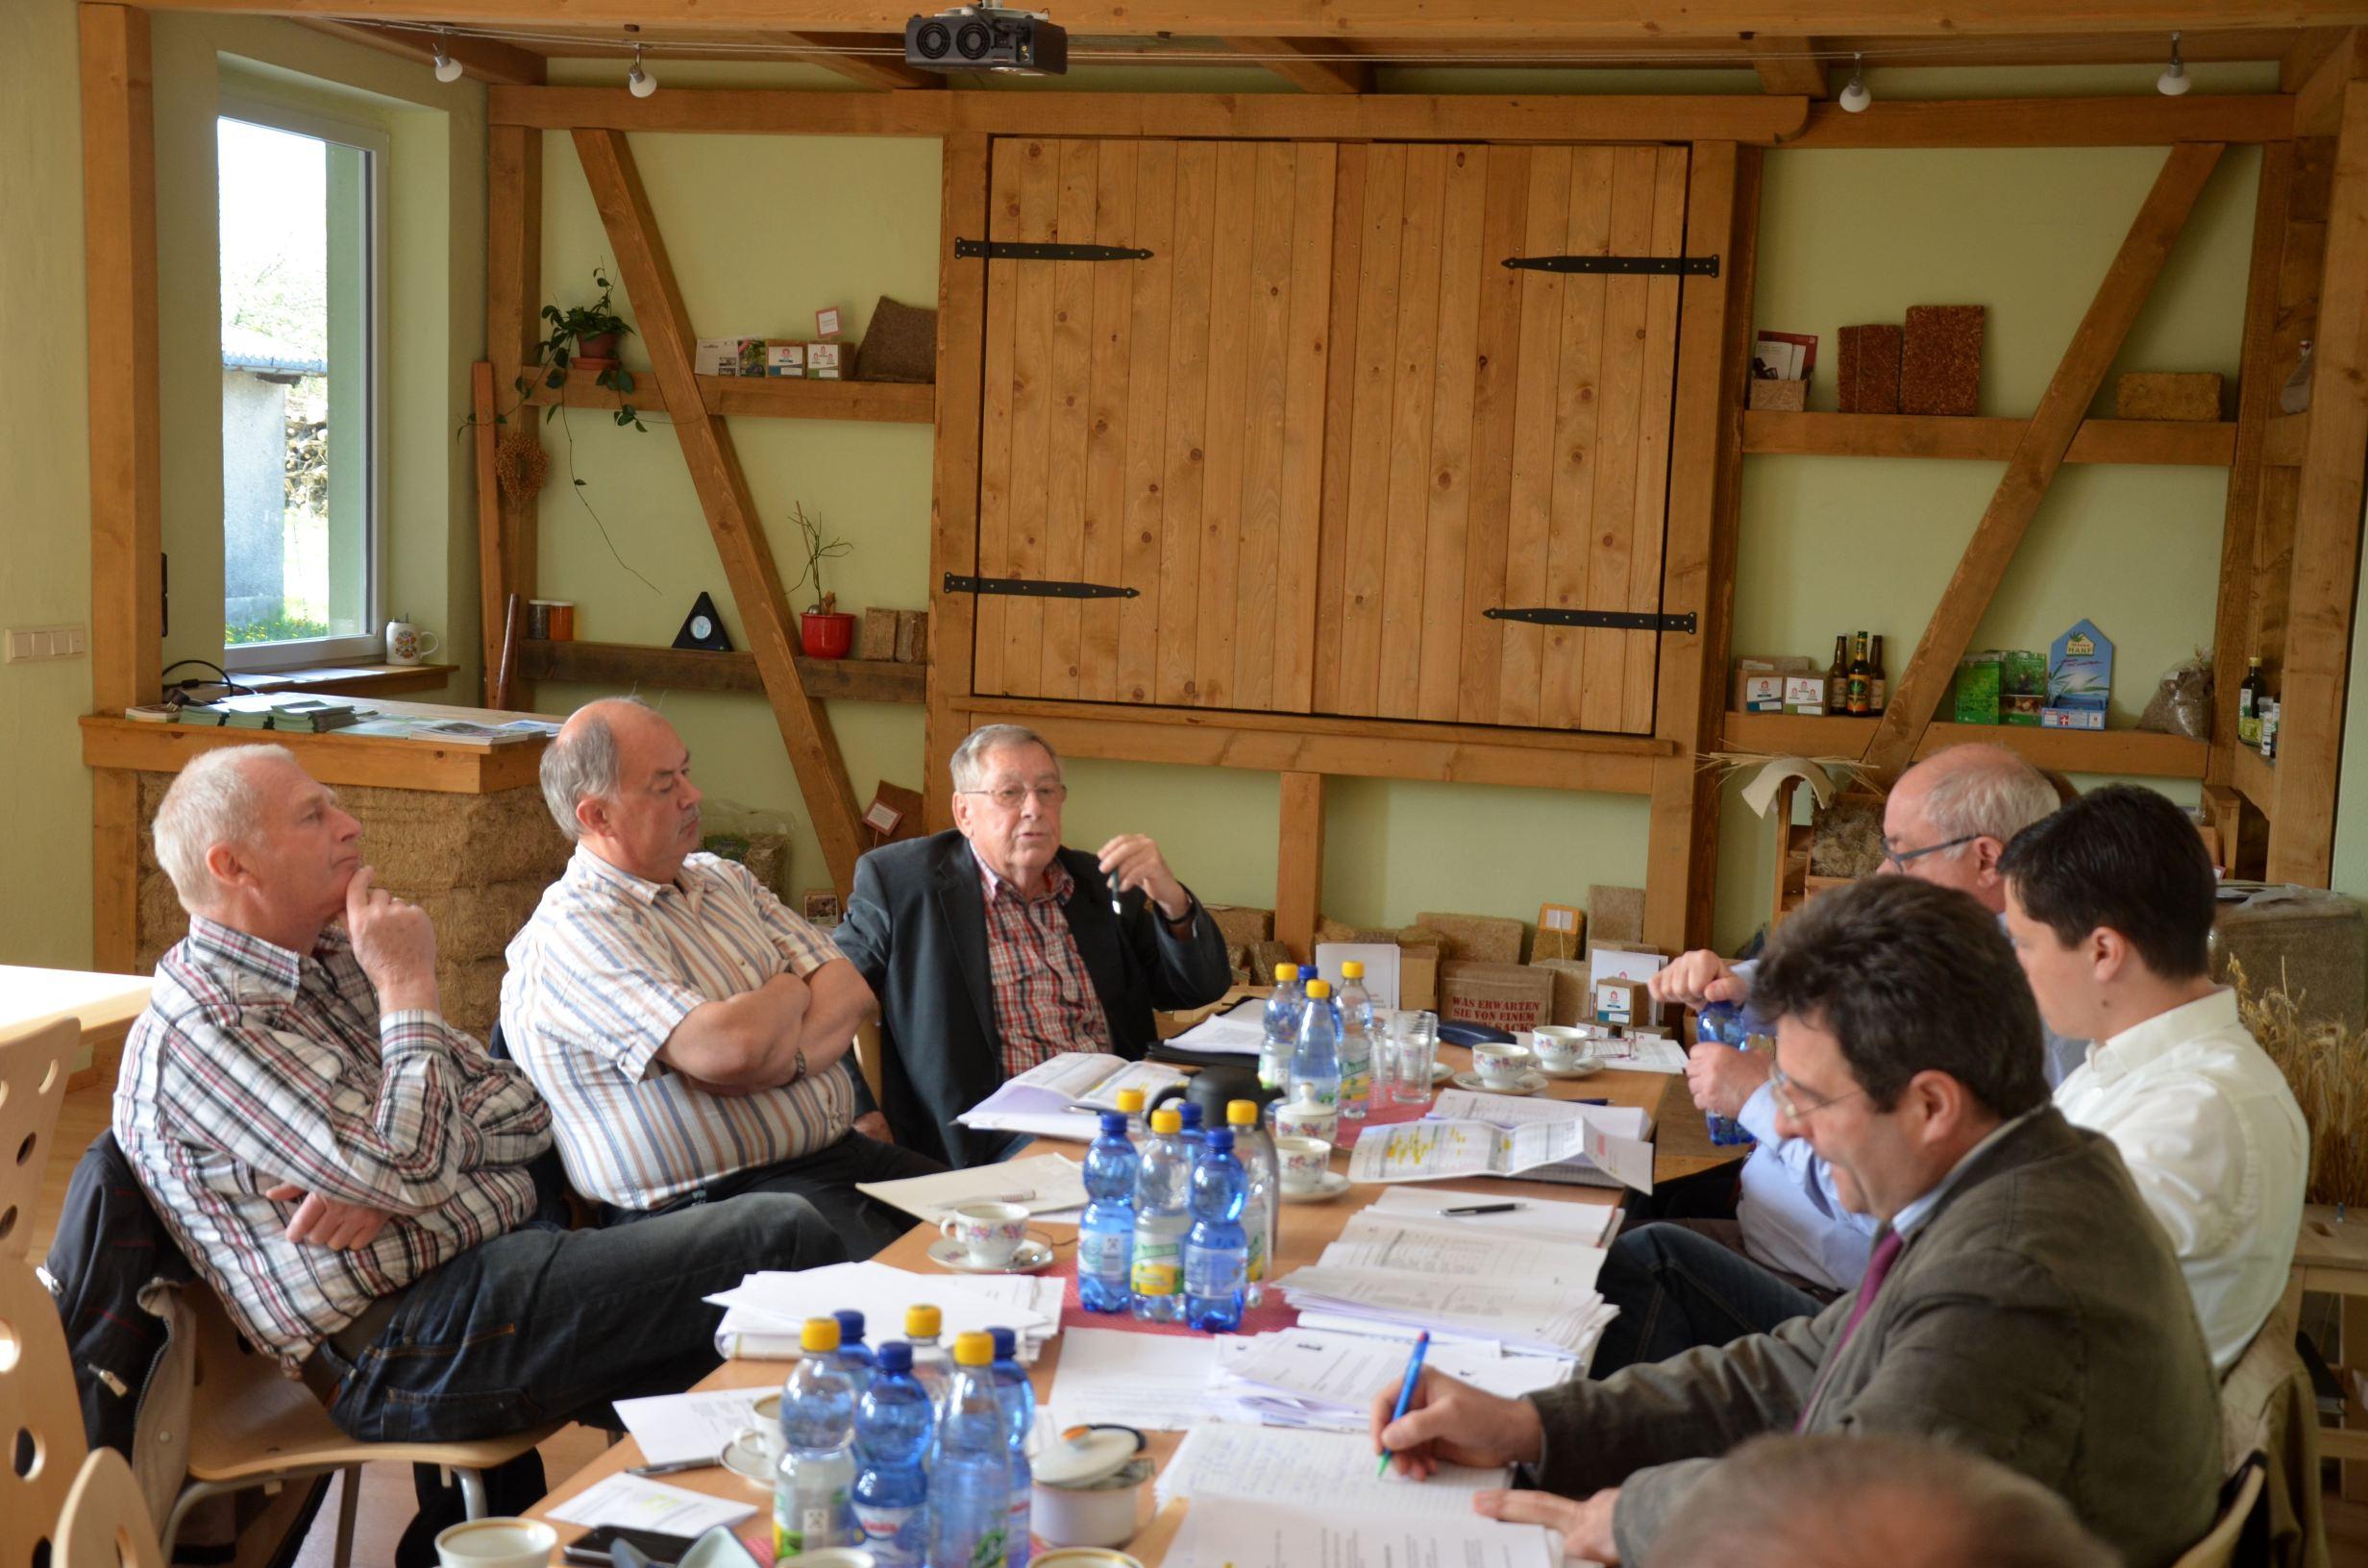 Arbeitsgruppensitzung am 08.05.2015 im Hanfpavillon in Läwitz